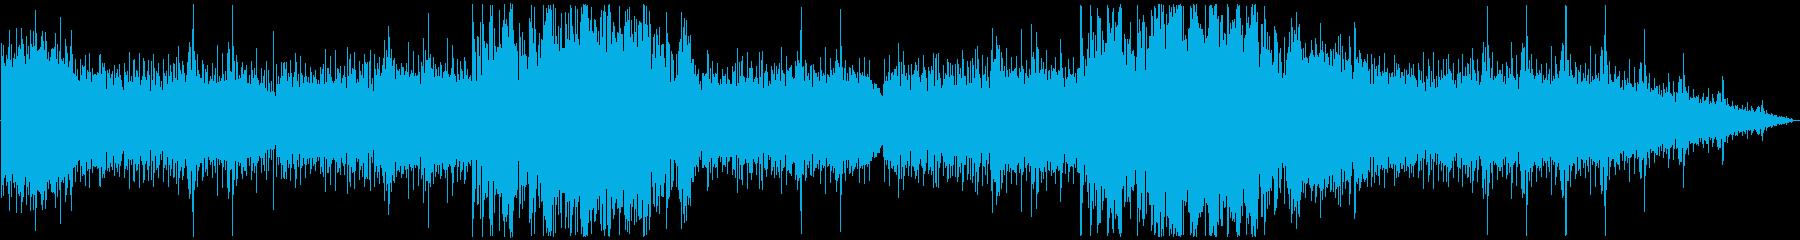 70音。ヴィンテージロックコントリ...の再生済みの波形